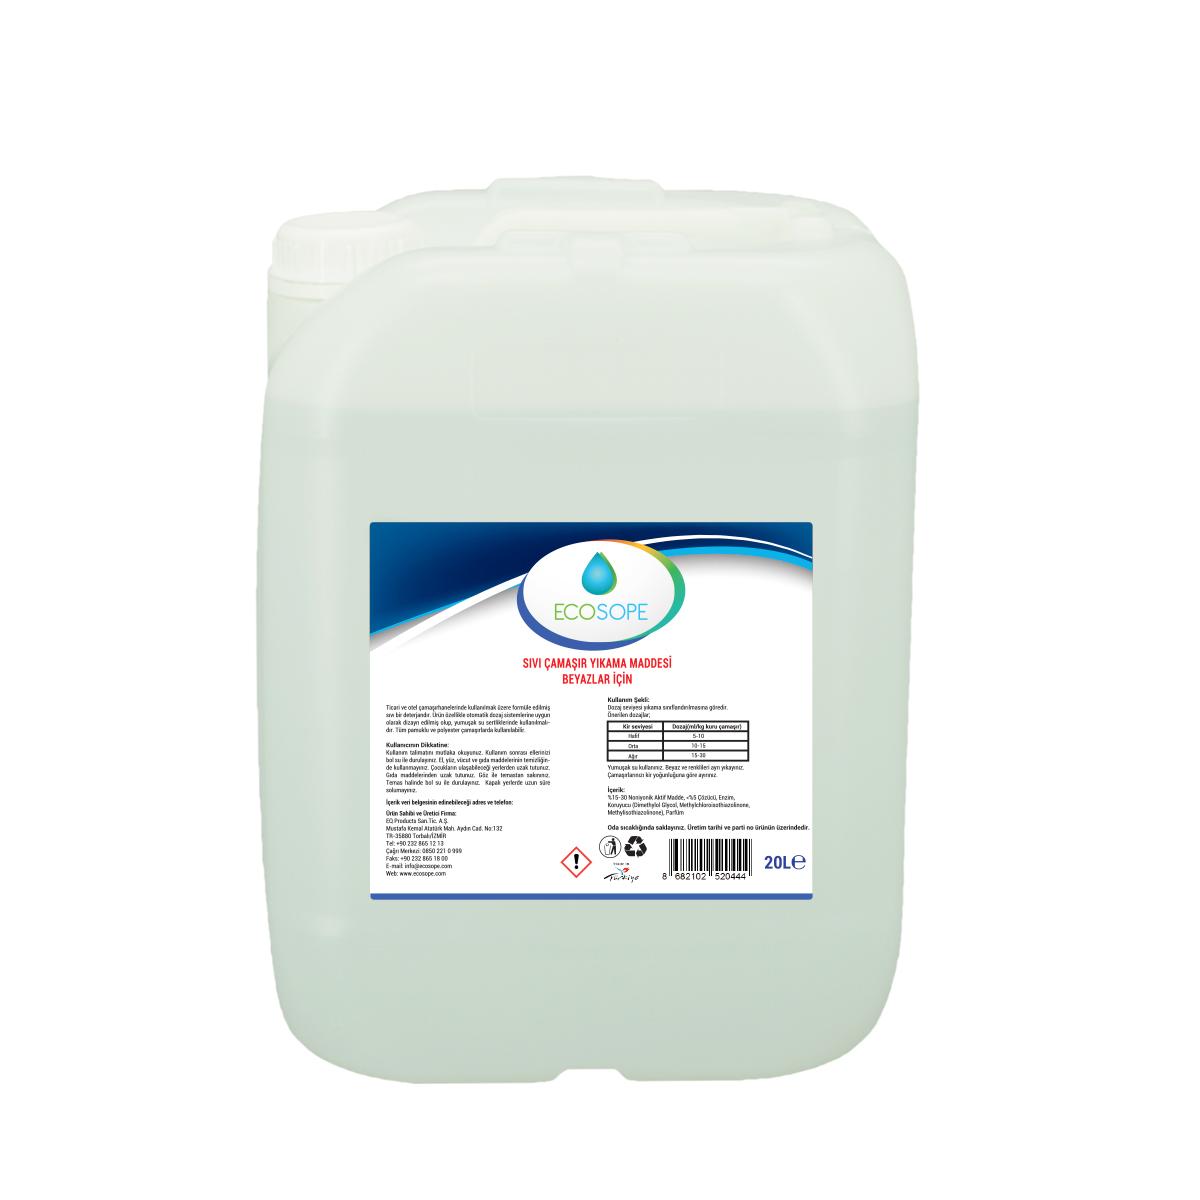 Ecosope Sıvı Çamaşır Yıkama Maddesi Beyazlar İçin